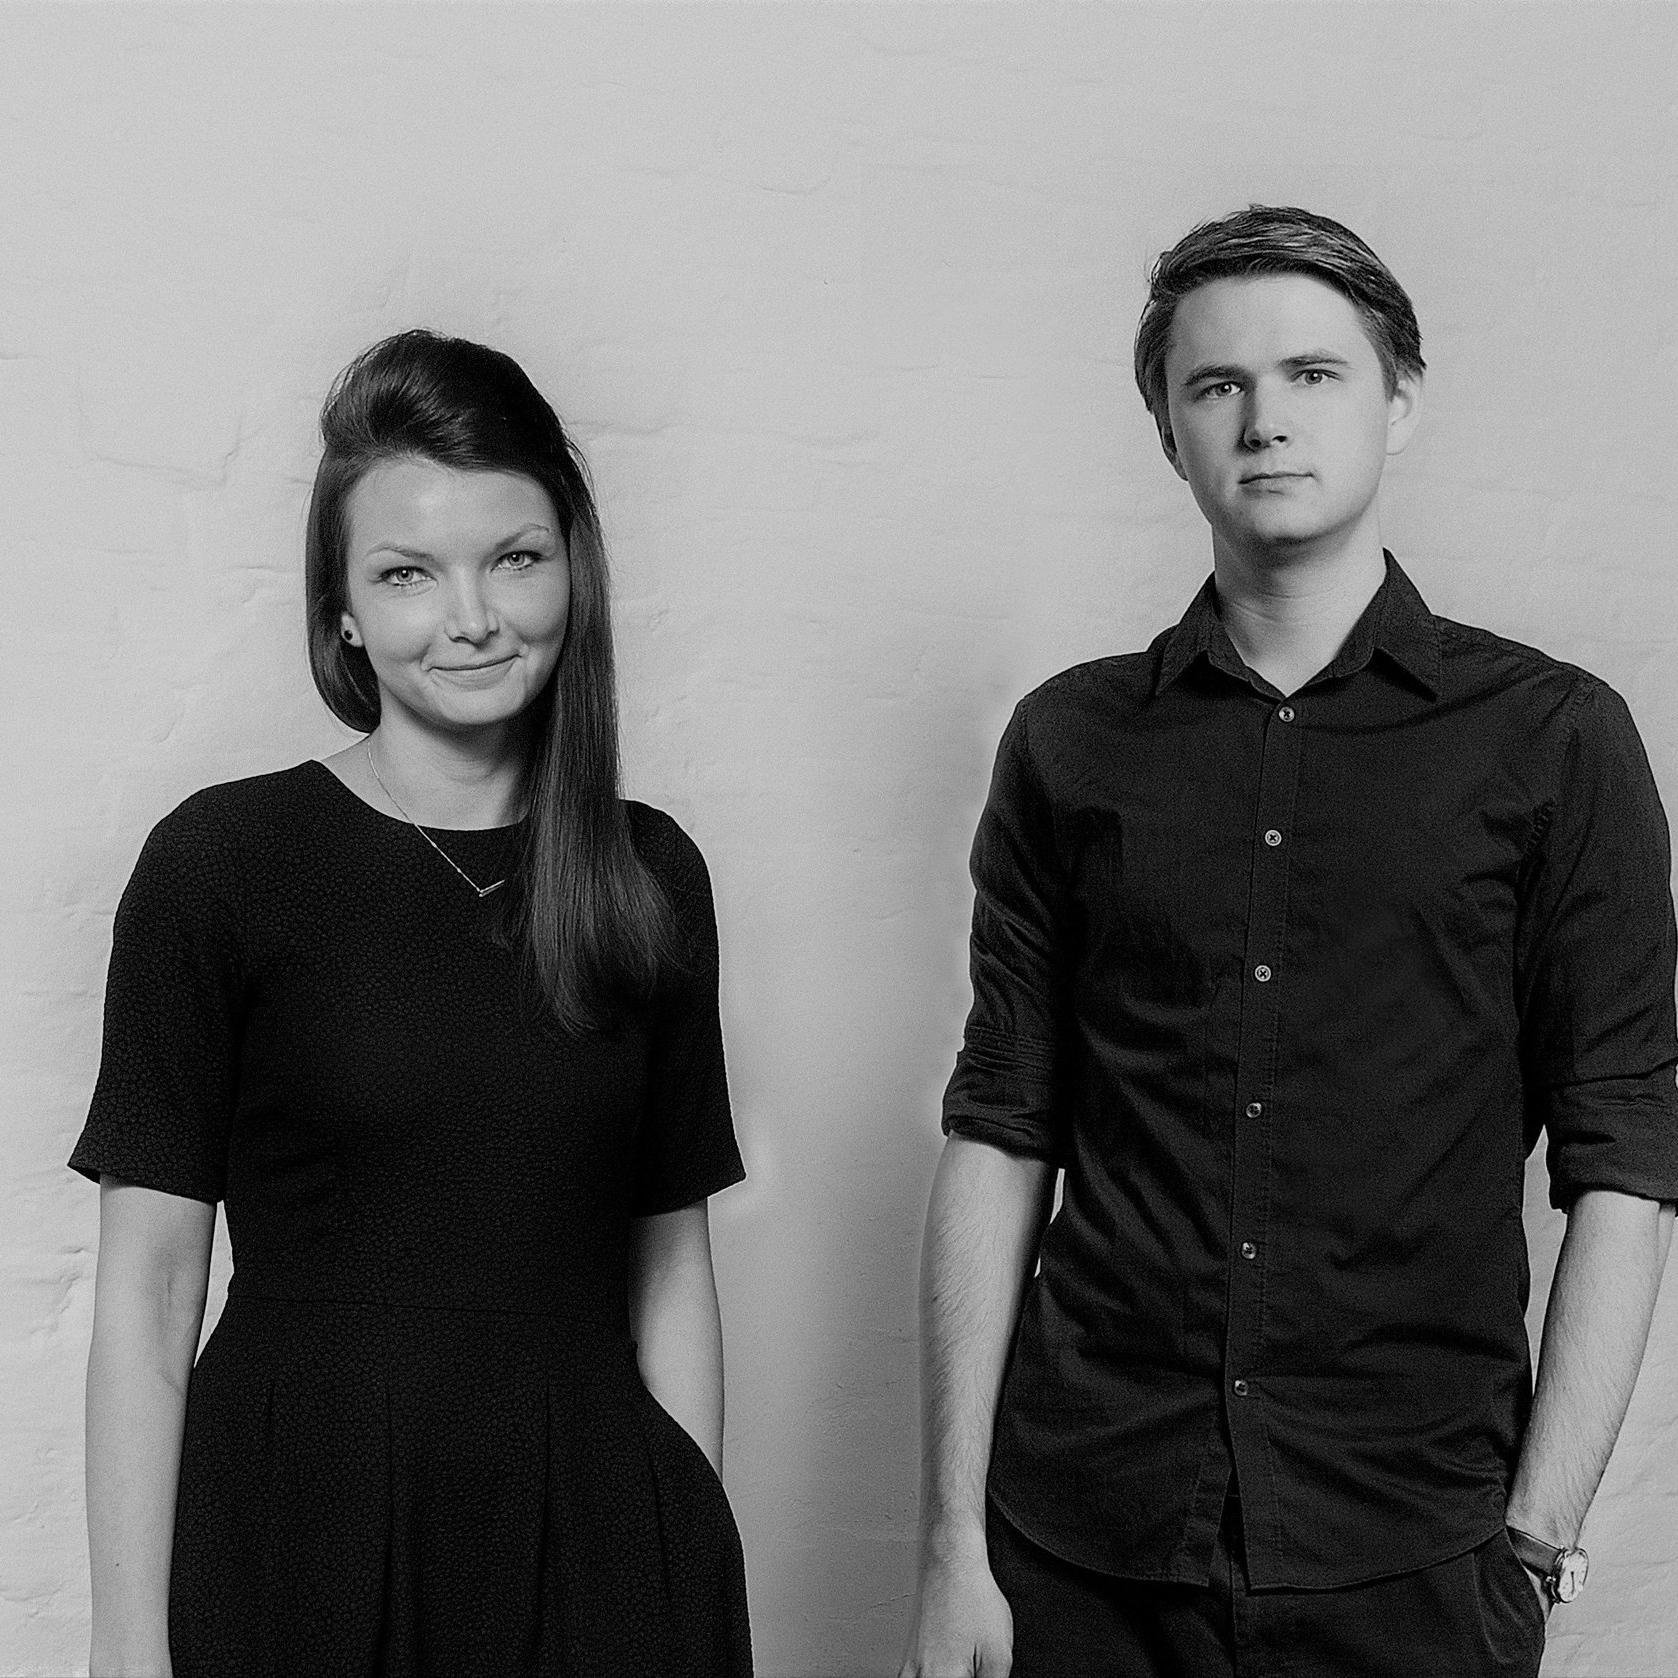 Nils Chudy & Jasmina Grase